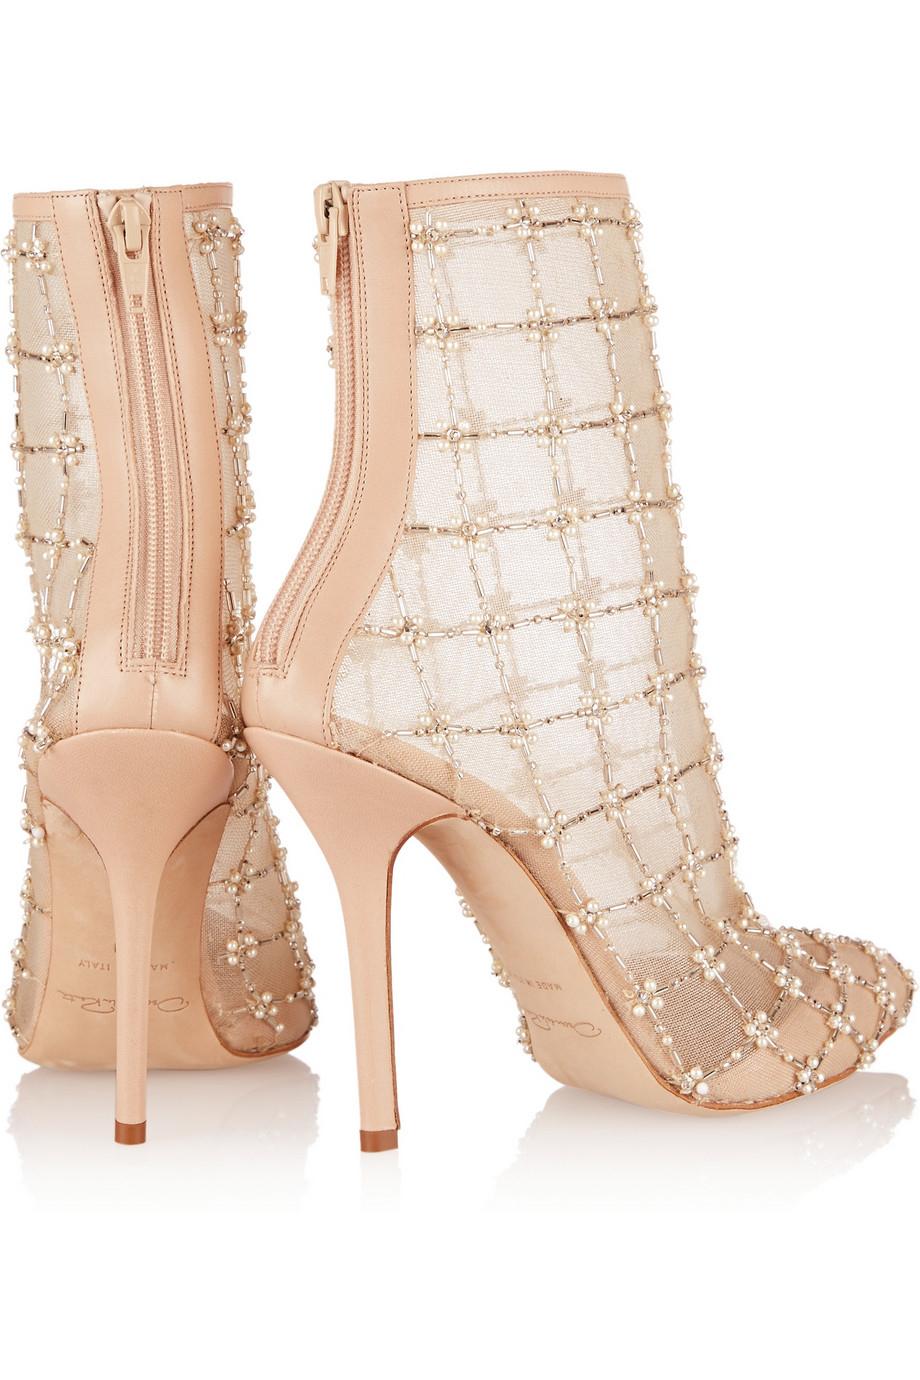 Chaussures - Tribunaux Oscar De La Renta Aisj7blOu1